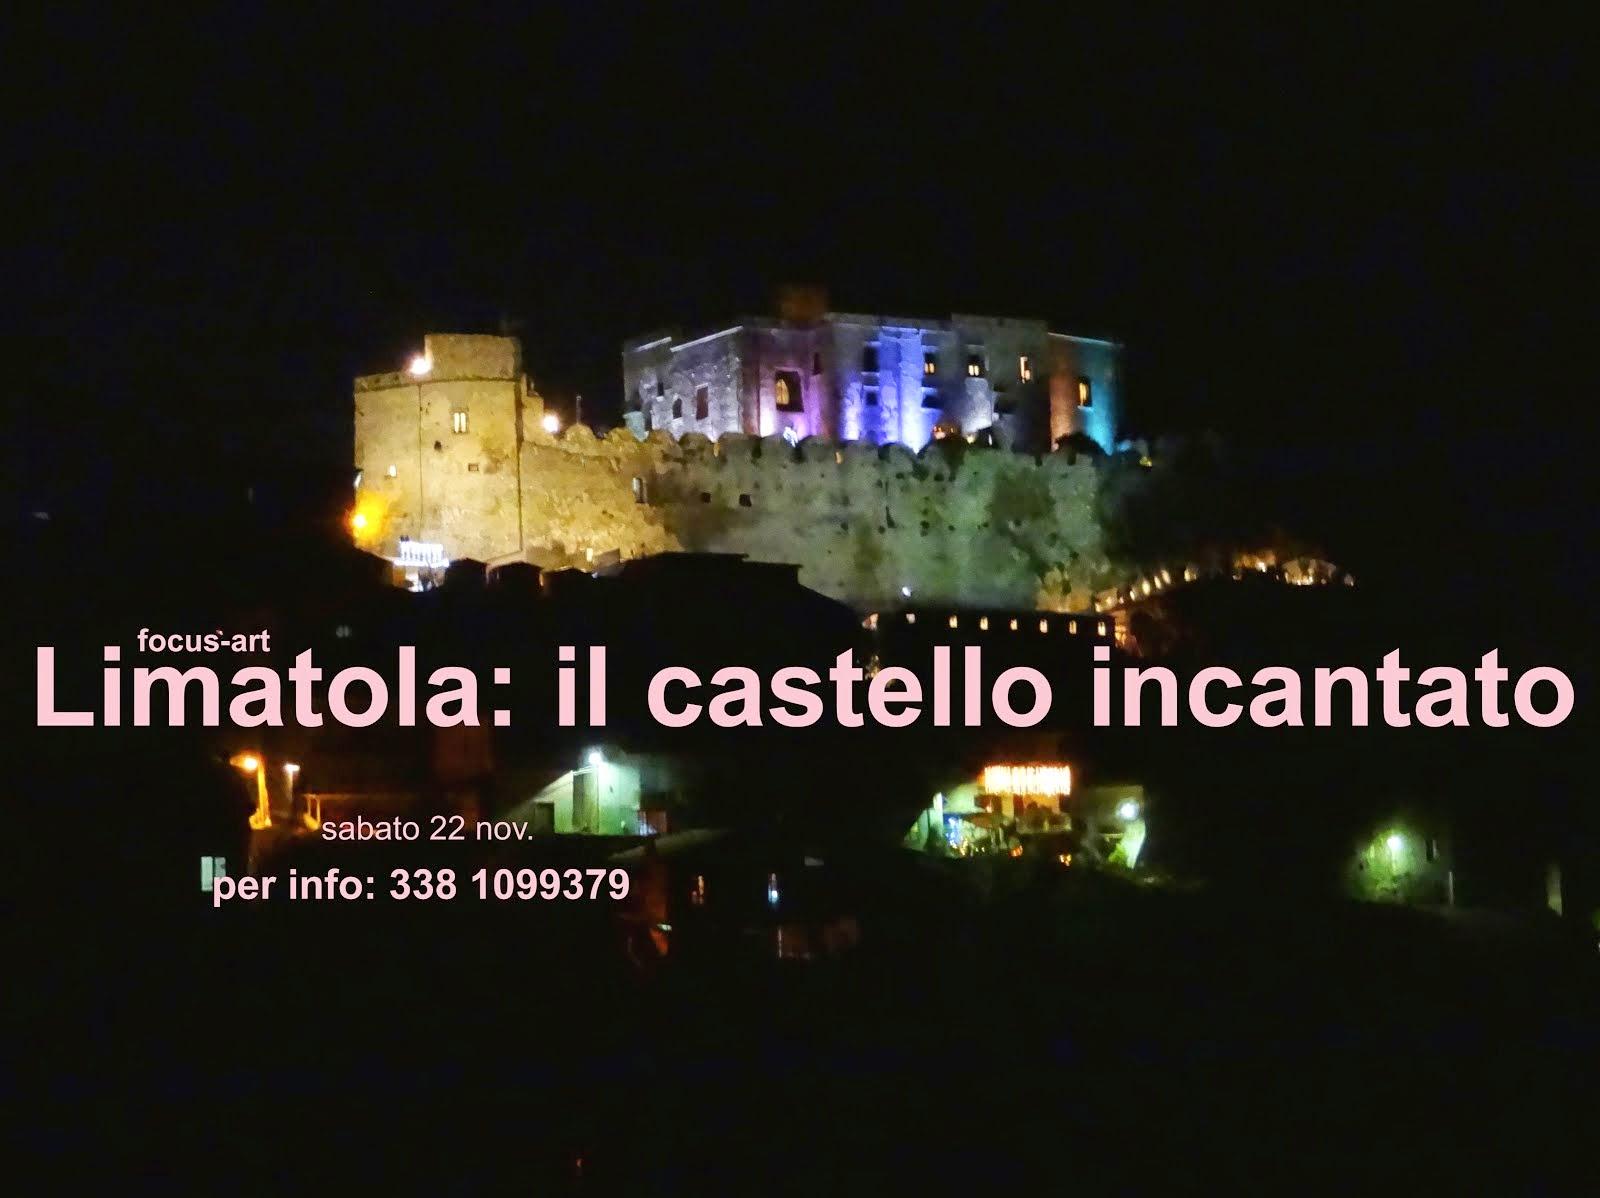 Limatola, il castello incantato